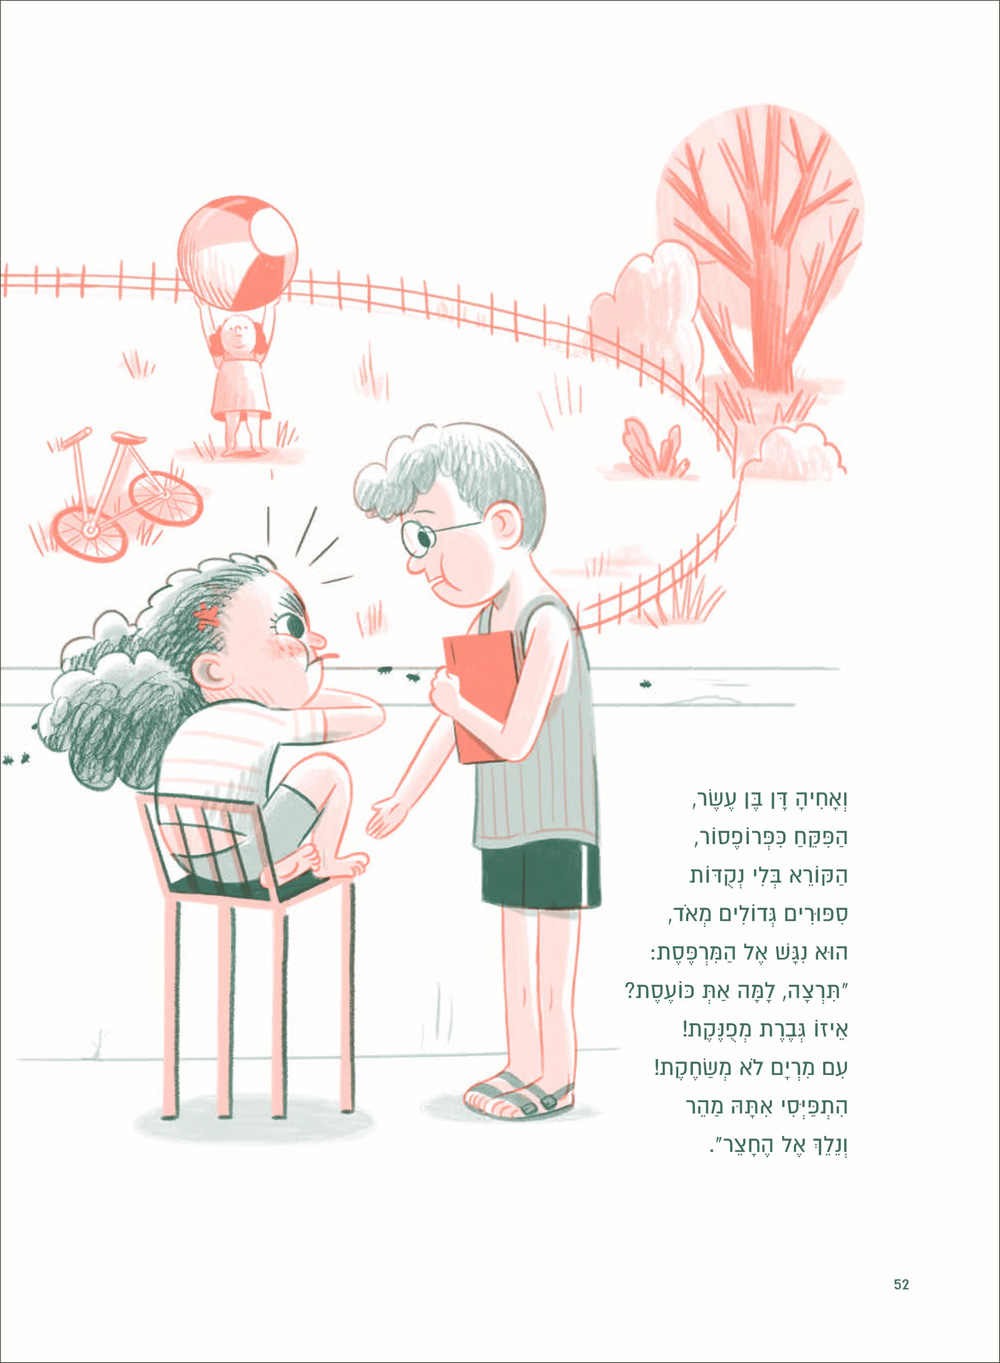 חפצים קלאסיקה לילדים ולמבוגרים<br><br>לכתב לילדים בשנים 1930-1950 וליהנות עד היום<br>מכתיבה בהירה, רצינית, אוהבת ילדים ומכבדת אותם, יש להודות רק<br>ללאה גולדברג.